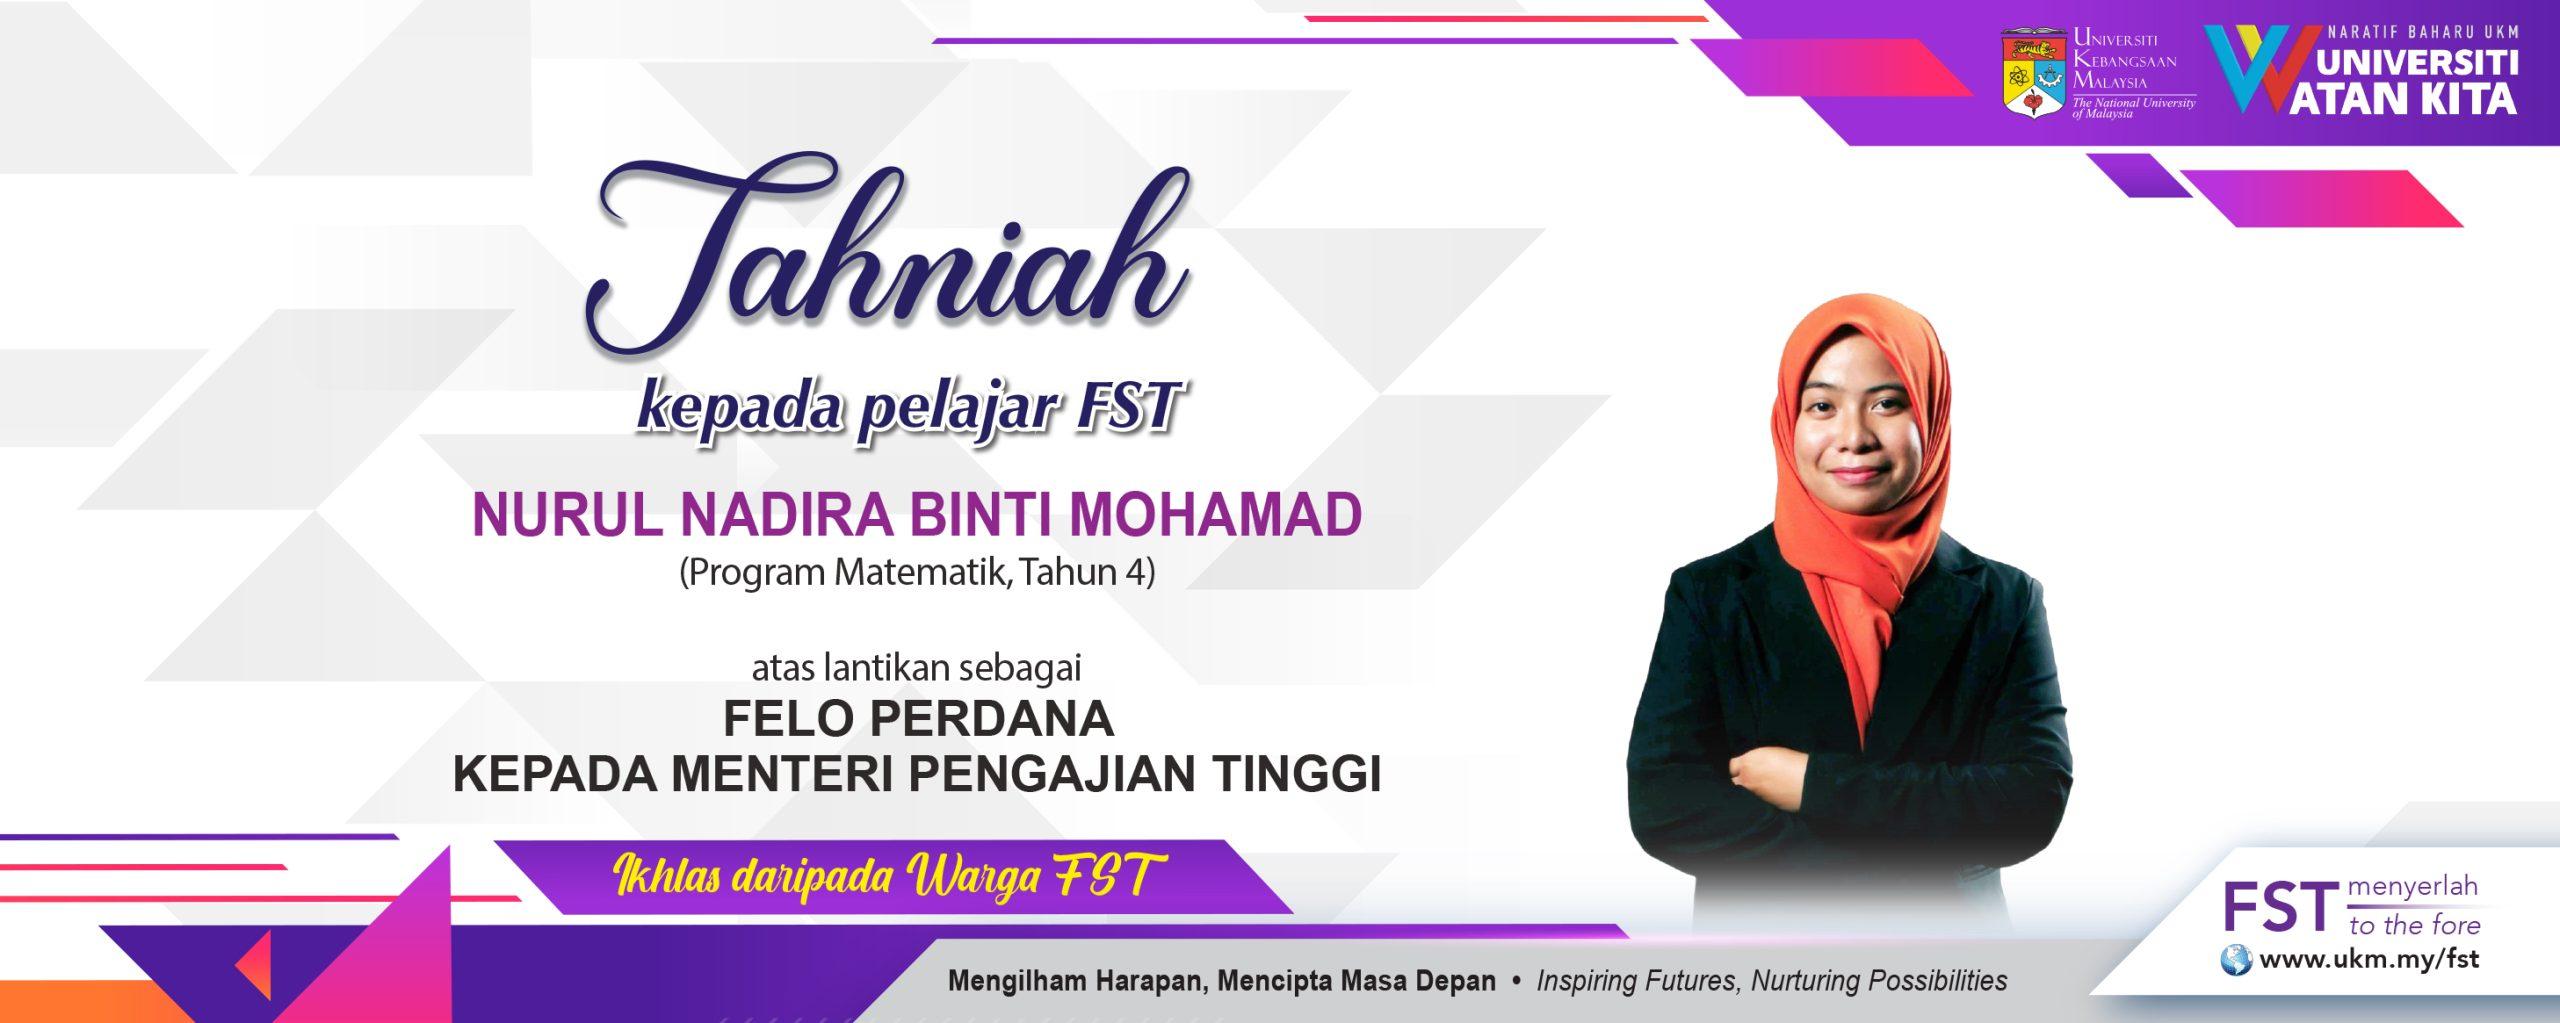 Tahniah Nurul Pelajar FST